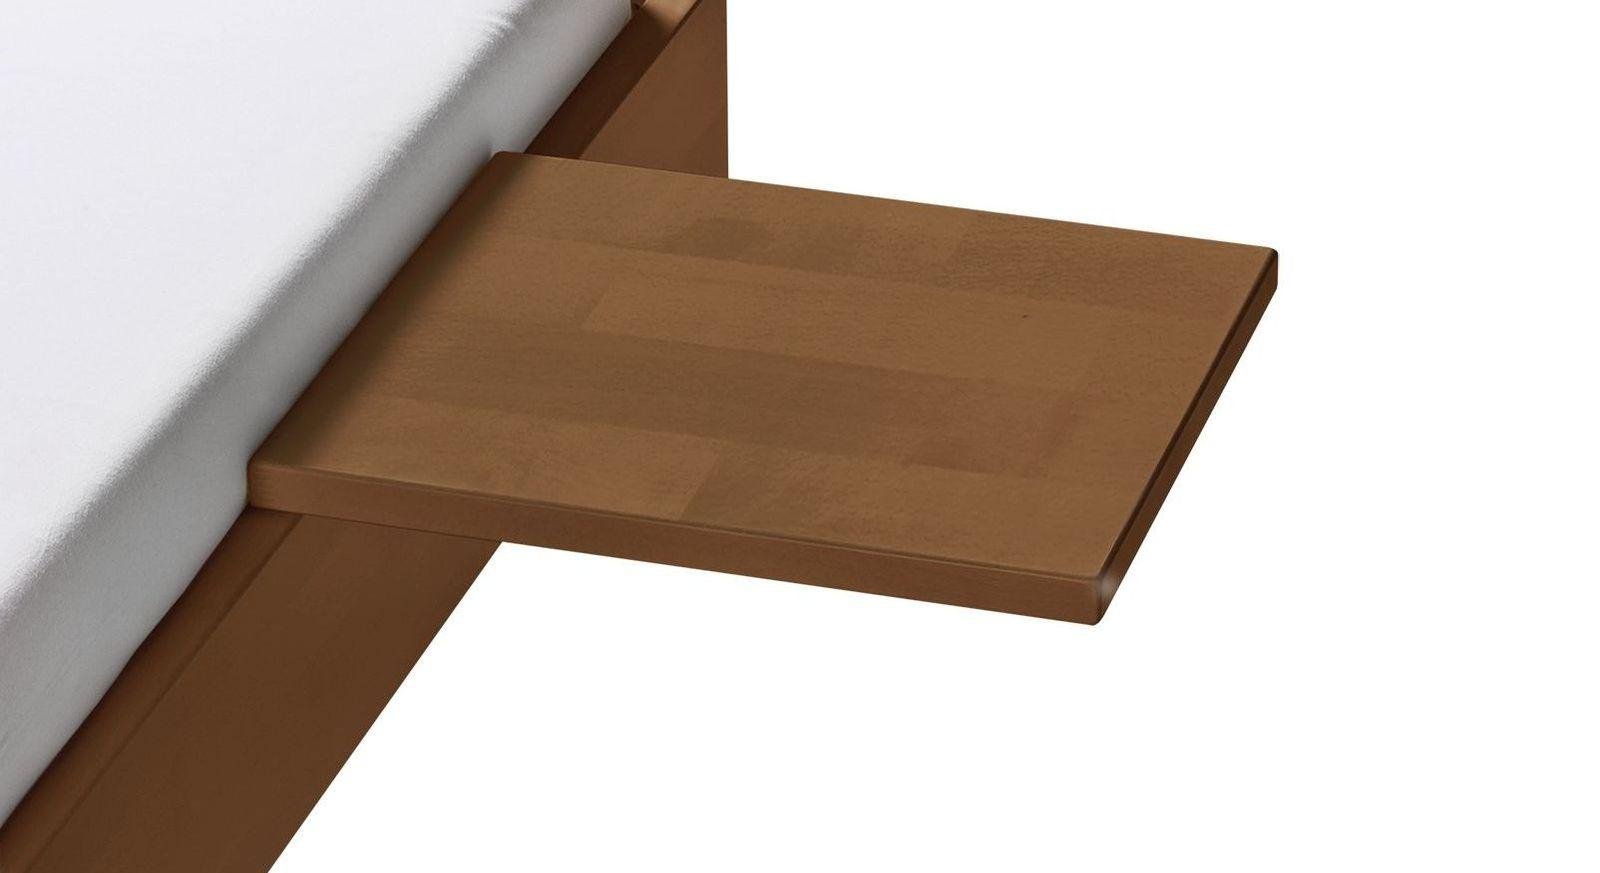 Nachttisch Pamplona aus nussbaumfarben lackiertem Buchenholz